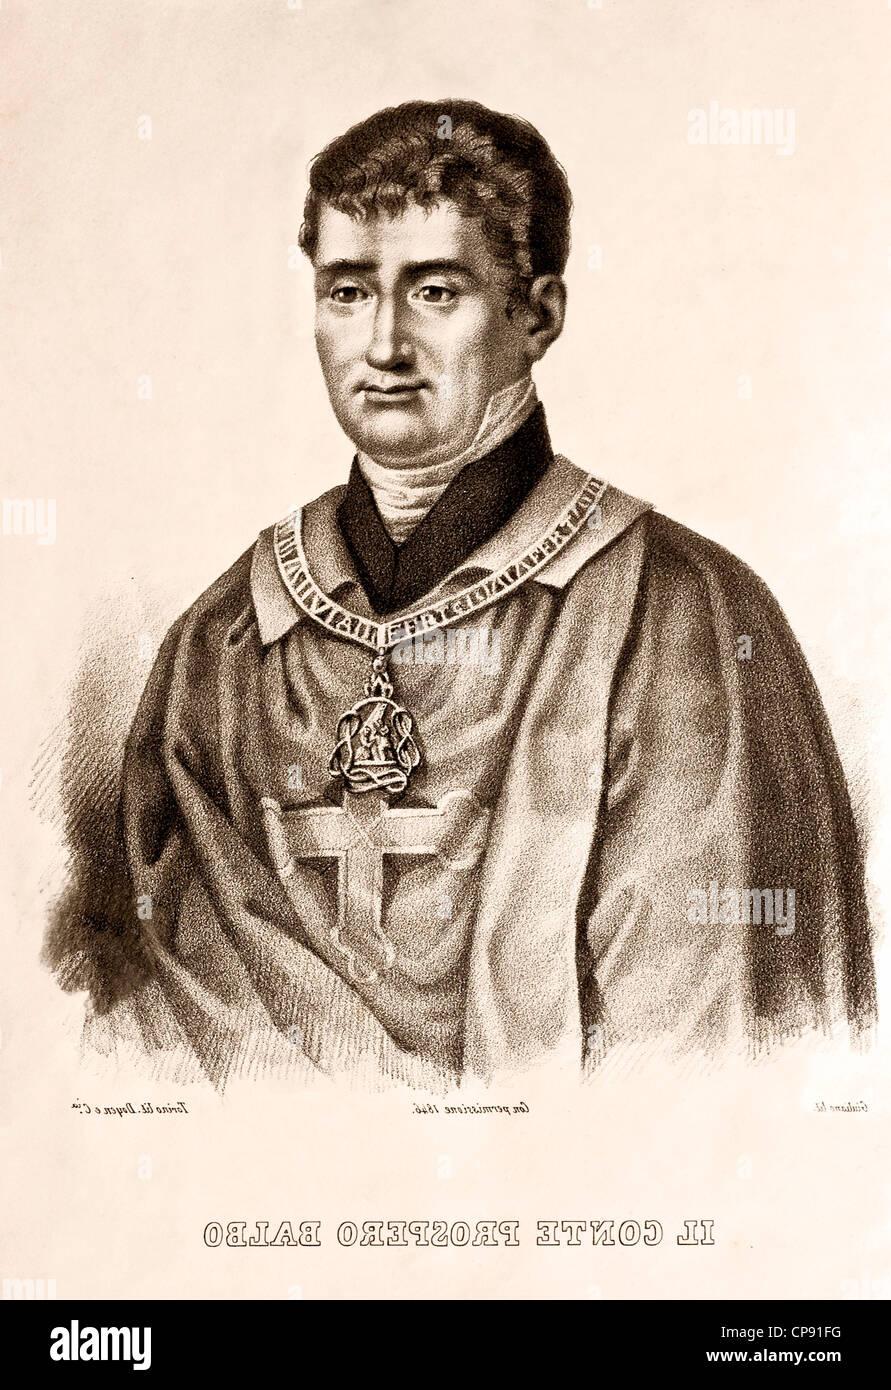 Litografia del conte Prospero Balbo, (Torino, 1 luglio 1762 - Torino, Marzo 14, 1837) stampato in1846 Immagini Stock